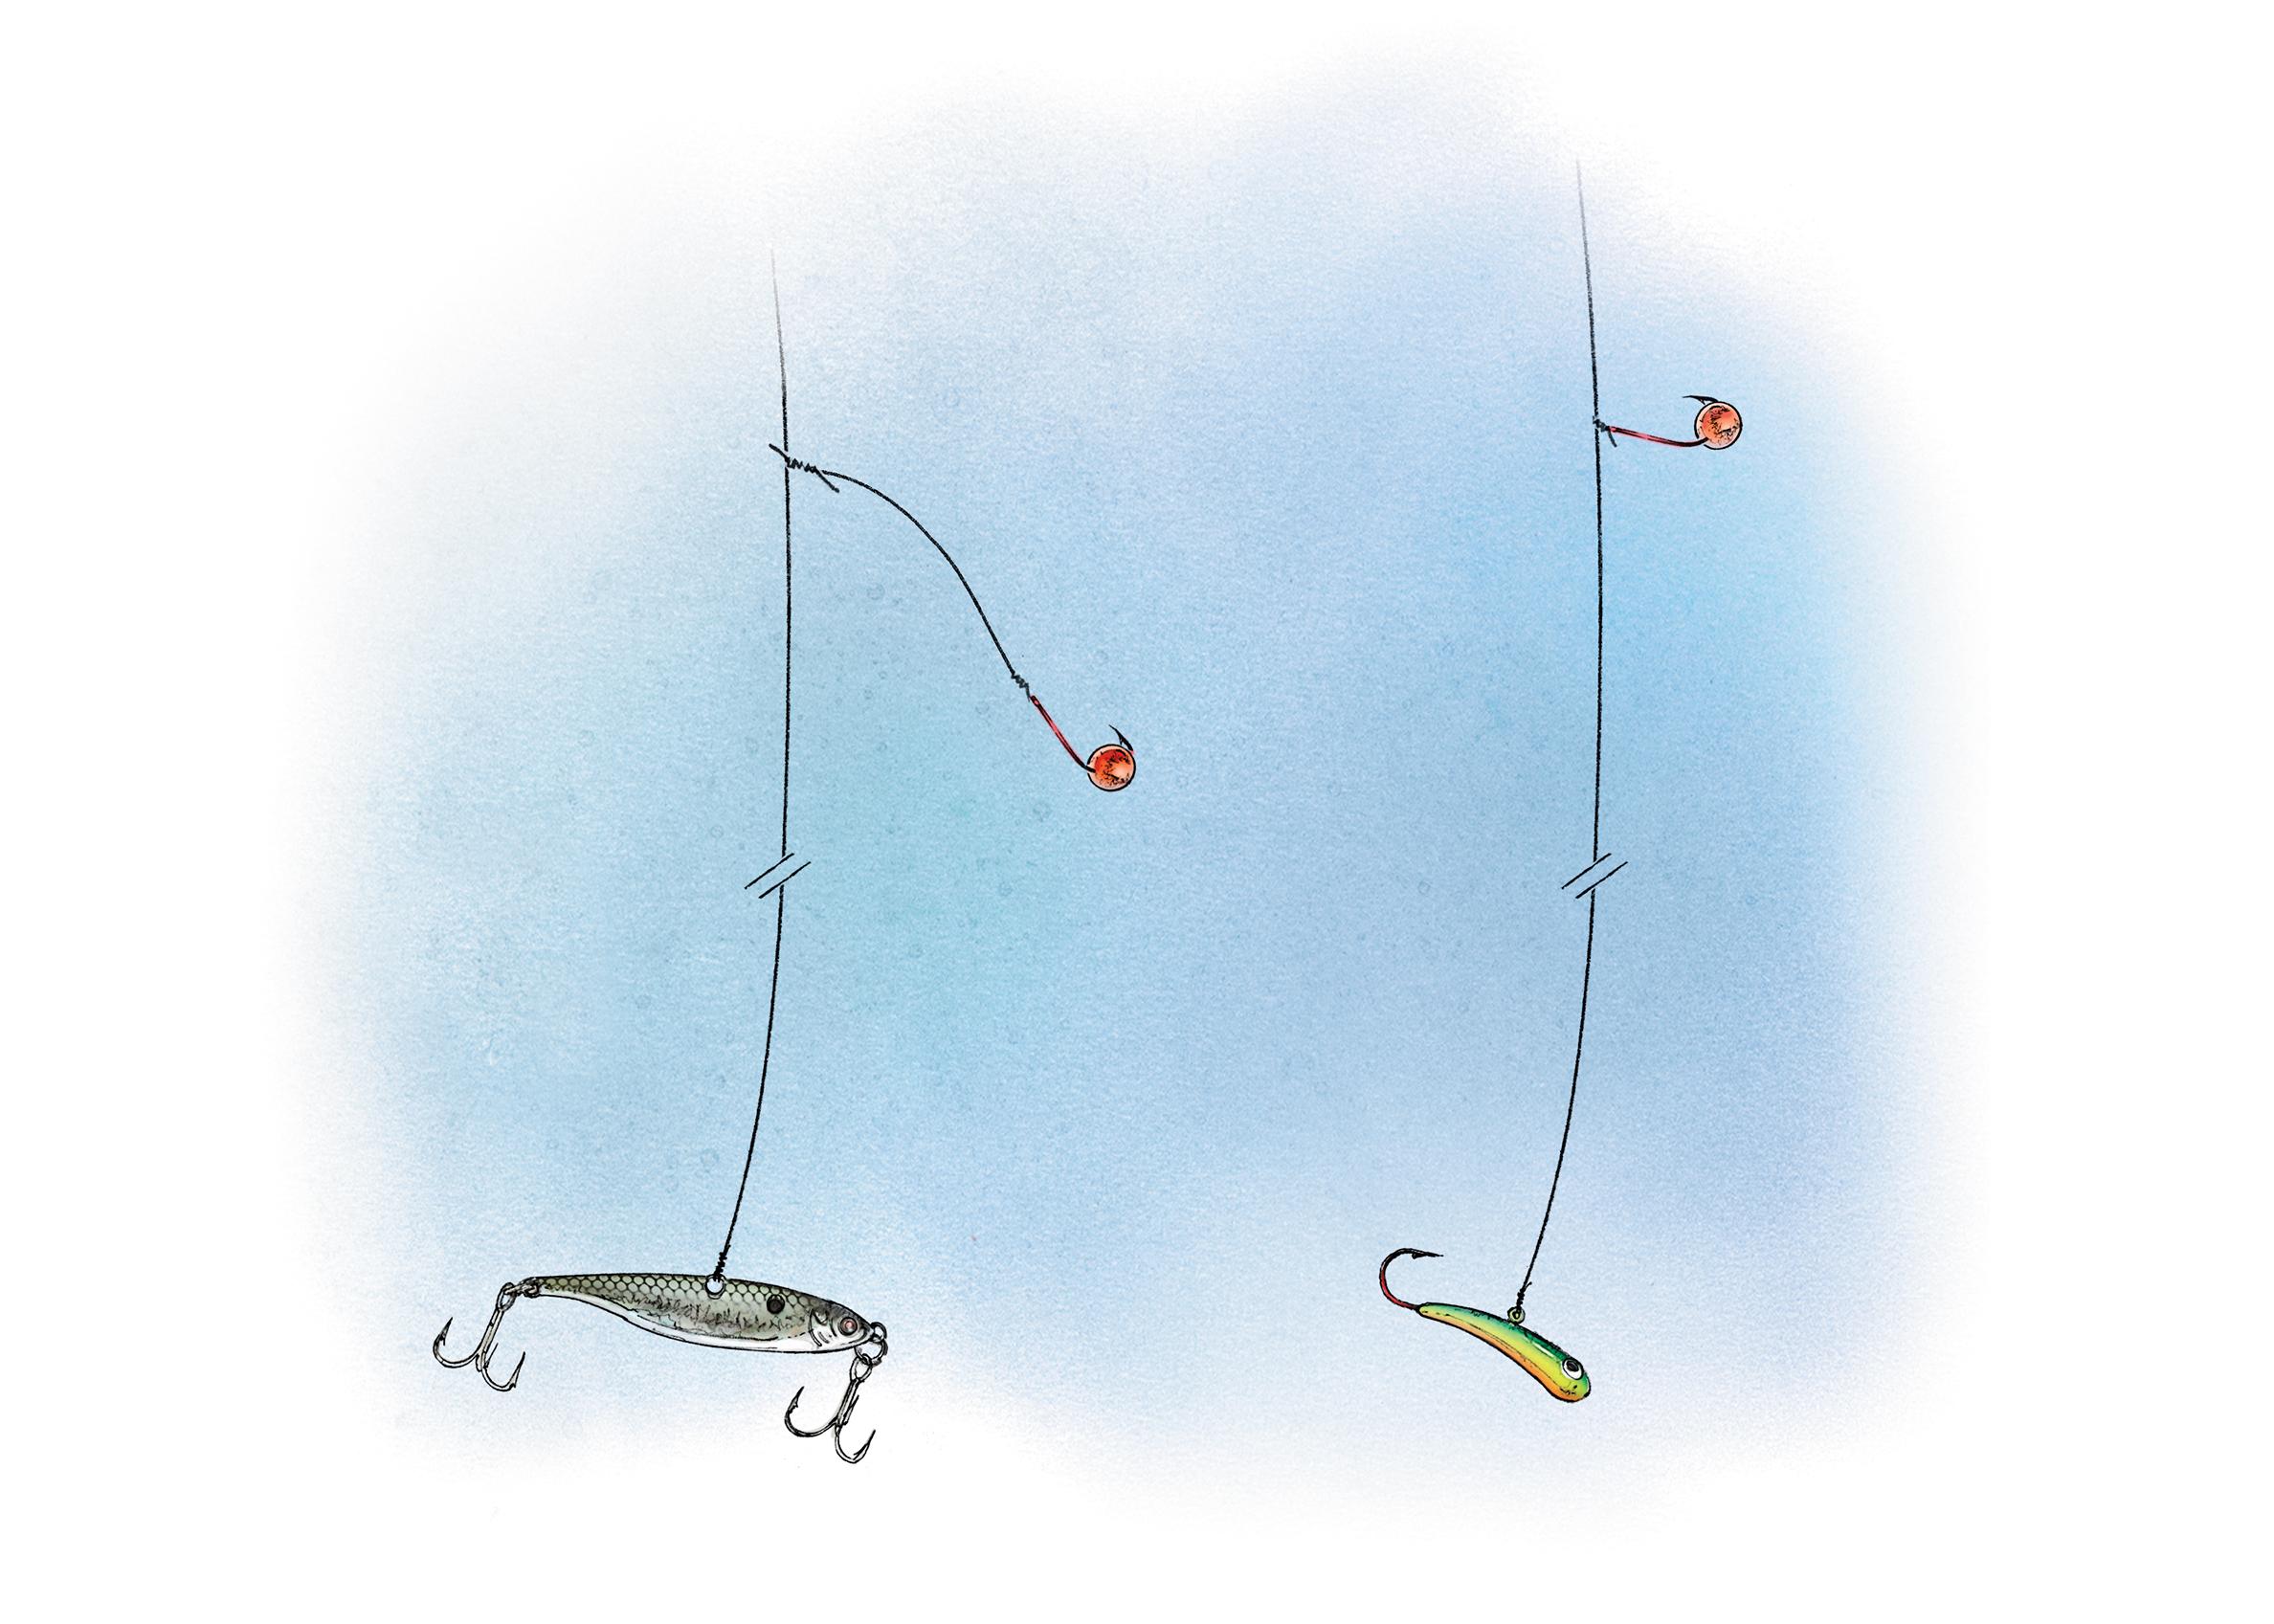 Ice fishing whitefish in fisherman for Ice fishing setup